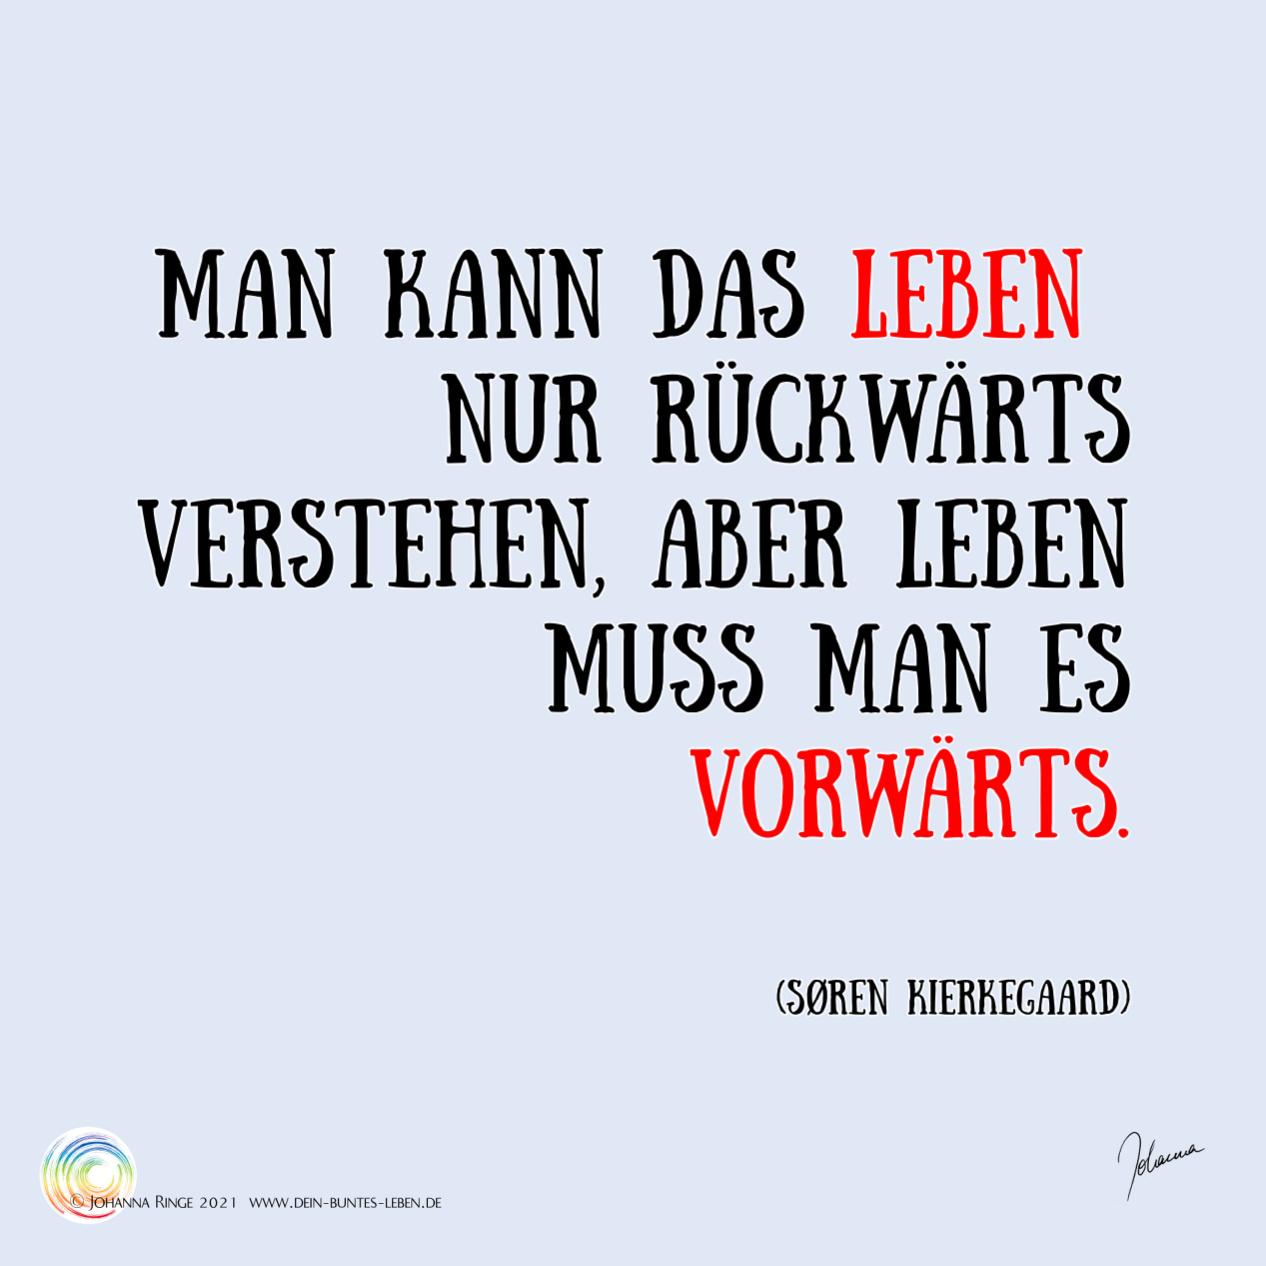 """""""Man kann das Leben nur rückwärts verstehen, aber Leben muss man es vorwärts."""" Sören Kierkegaard Zitat. ©Johanna Ringe 2021 www.dein-buntes-leben.de"""